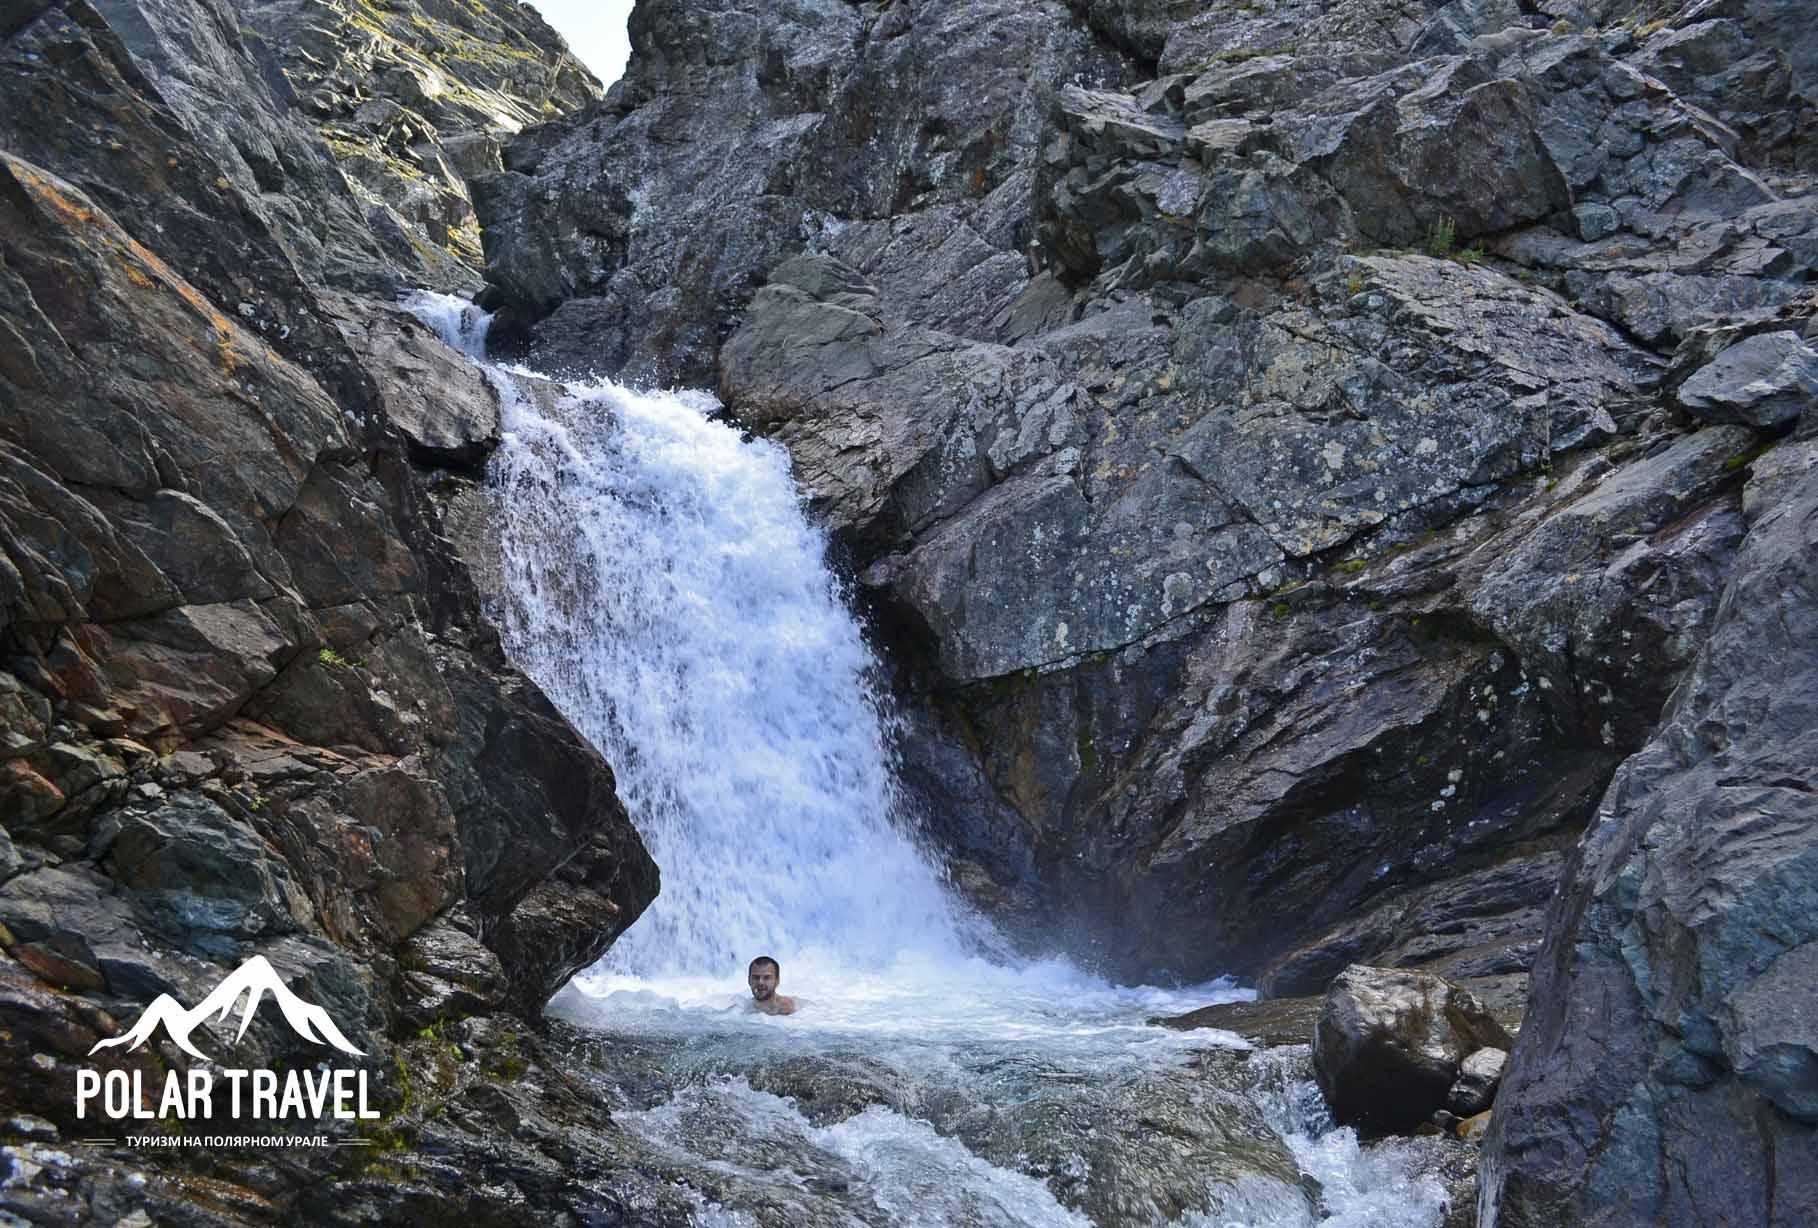 Нефритовый водопад, ручей Нырдвоменшор.